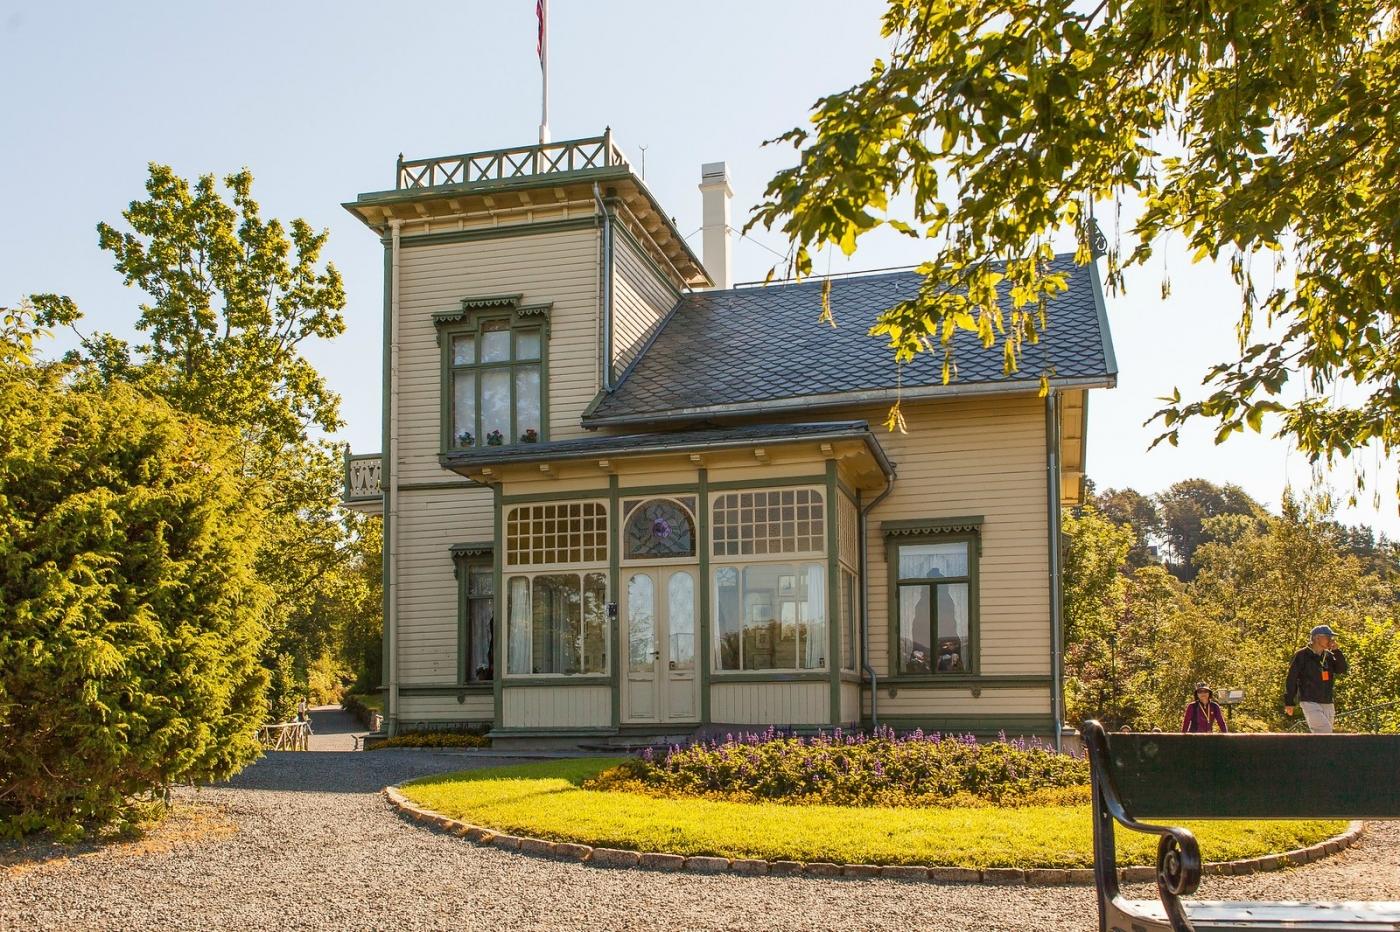 挪威作曲家爱德华-格里格,故居环境很漂亮_图1-11